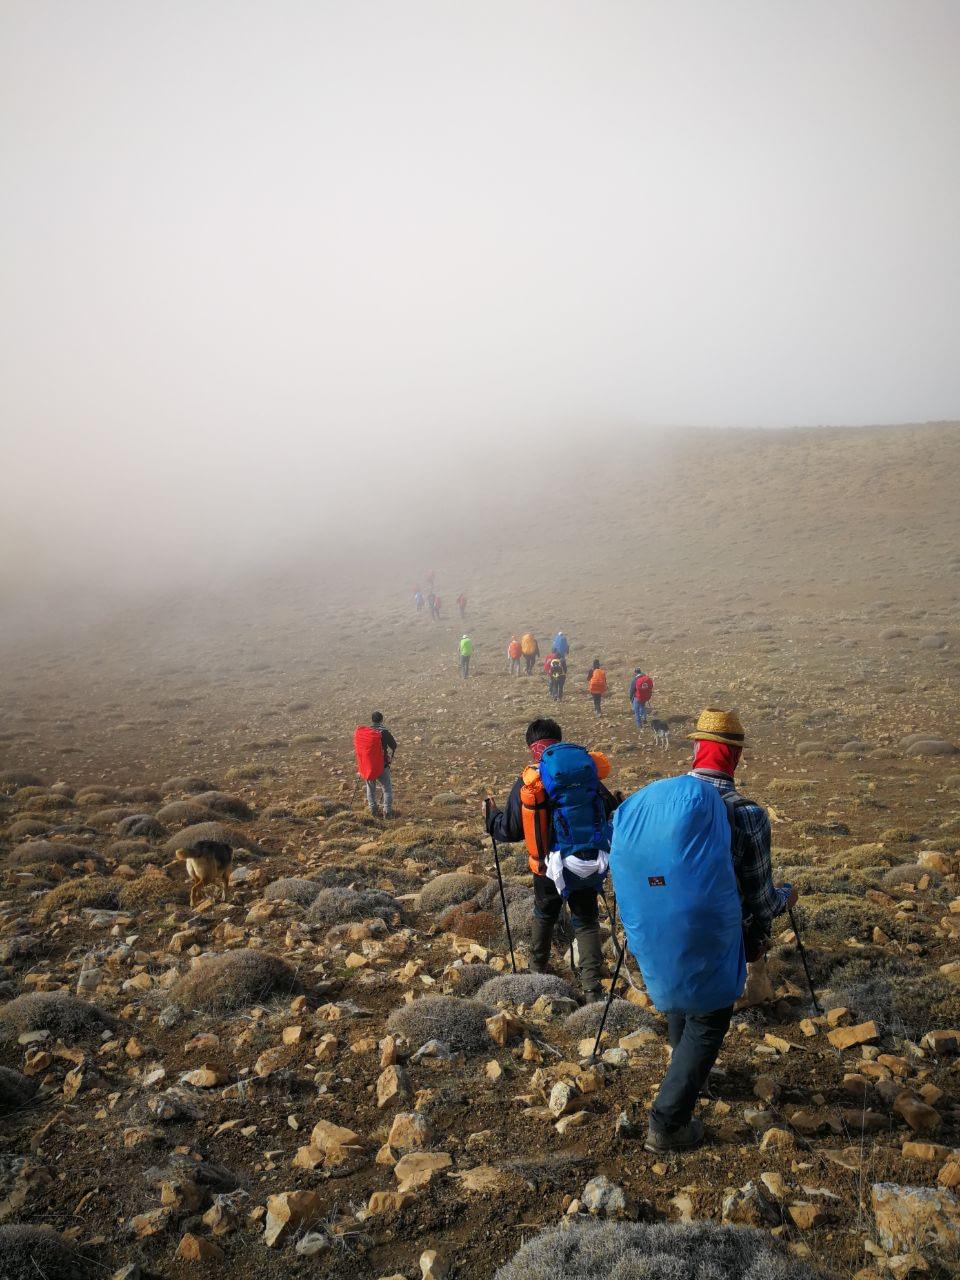 گروه در حال ورود به مه